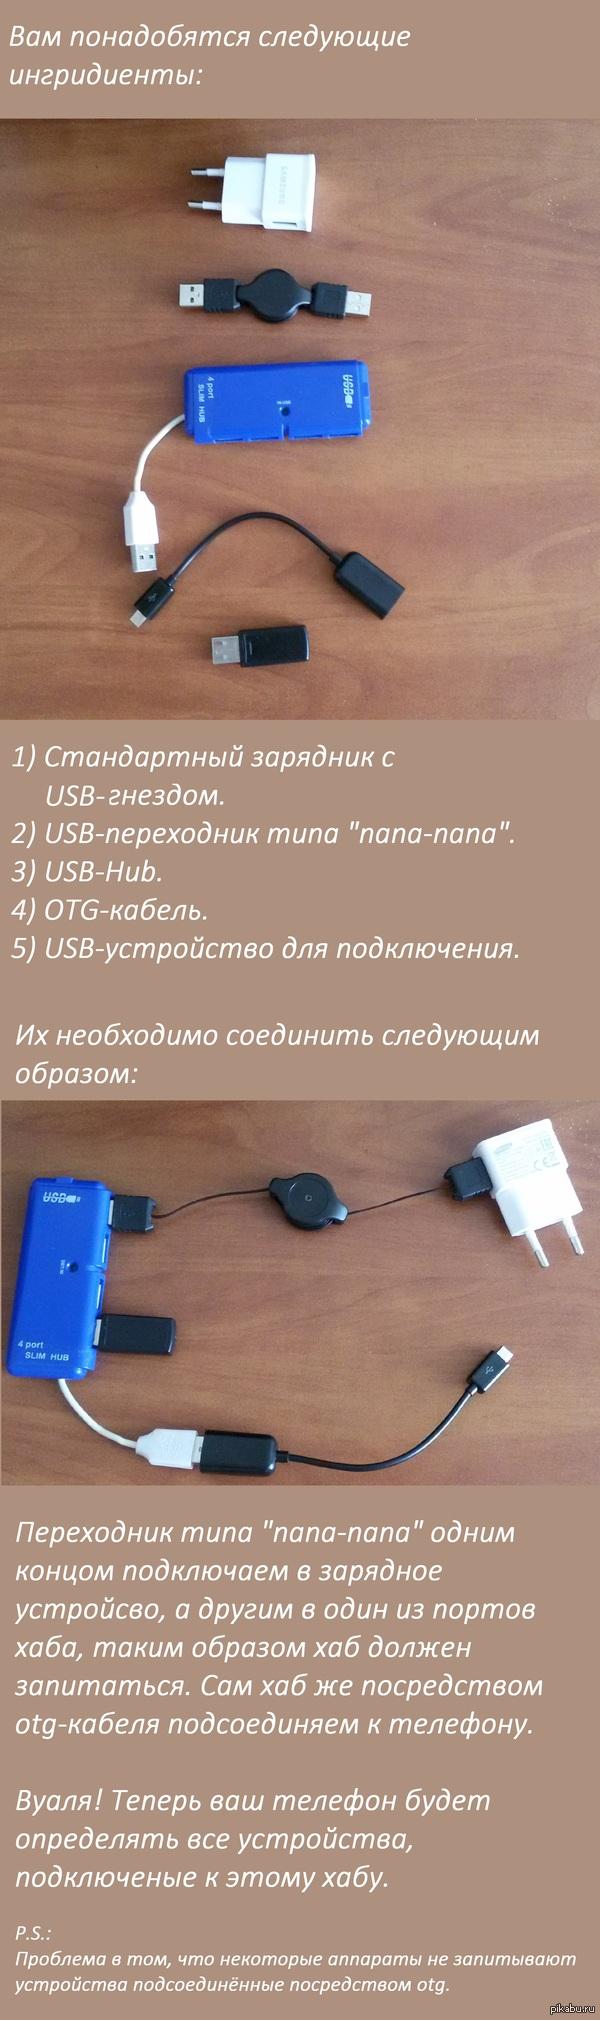 Что делать, если ваш аппарат не поддерживает OTG Но система сам момент подключения otg-кабеля замечает.